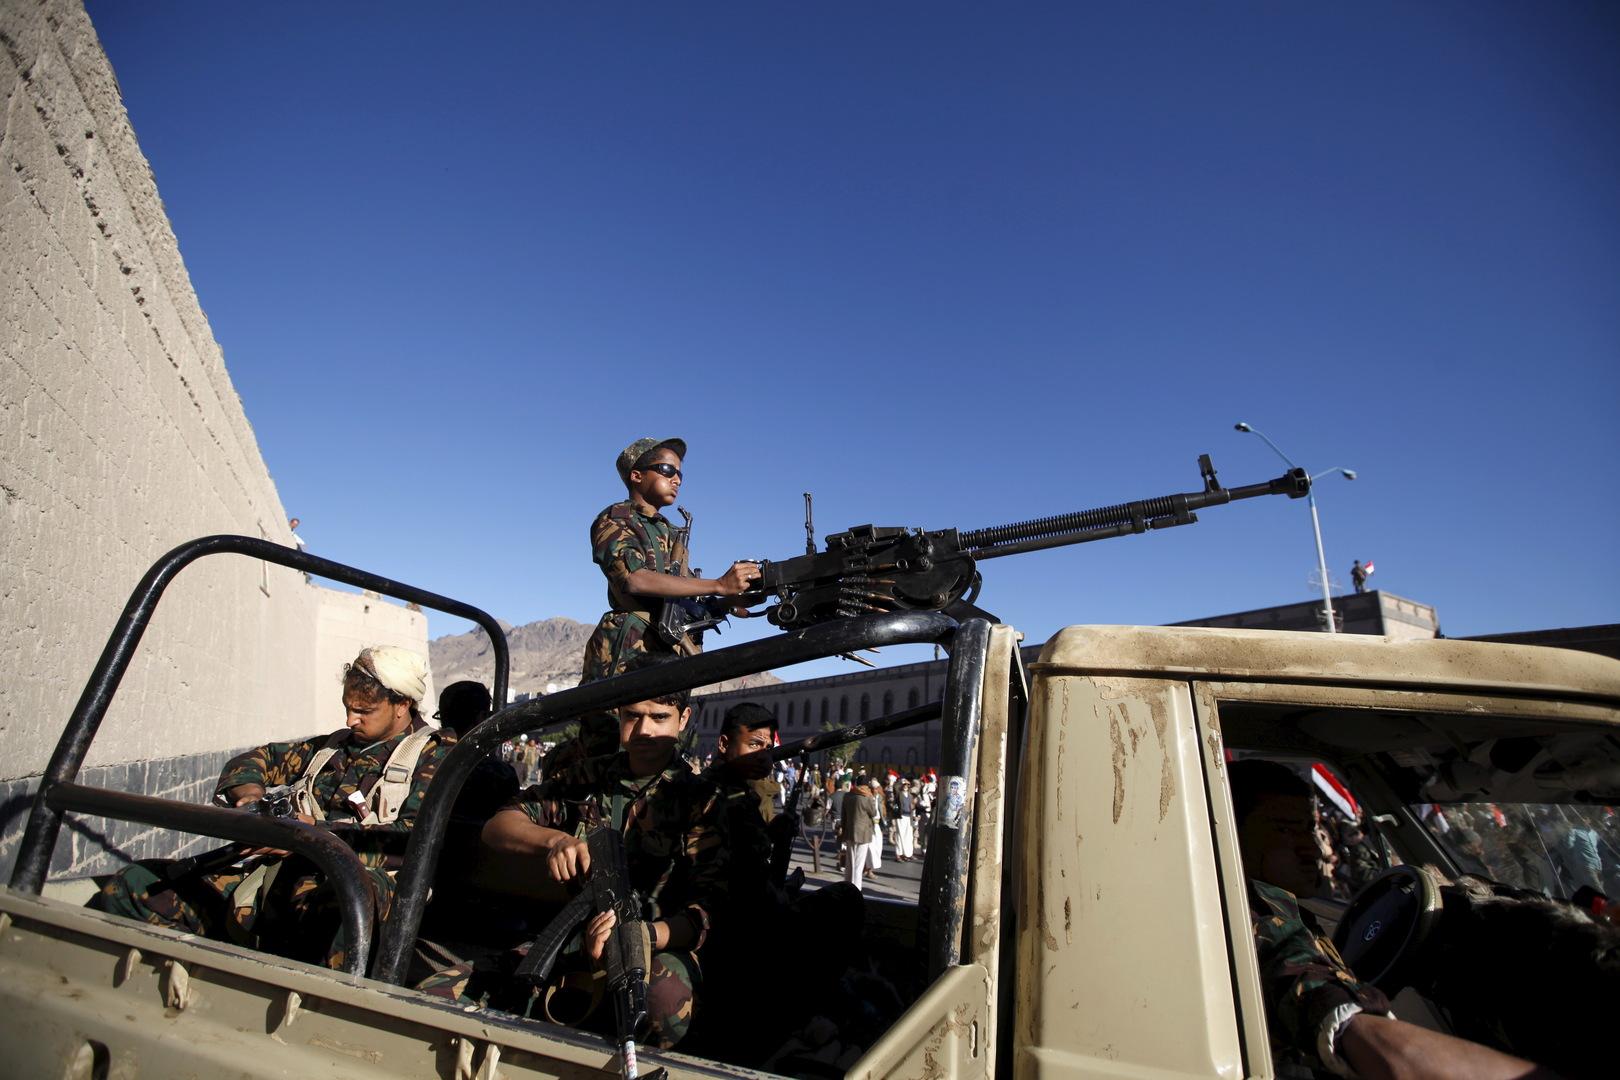 المجلس الانتقالي اليمني يرحب بسعي واشنطن لتصنيف الحوثيين